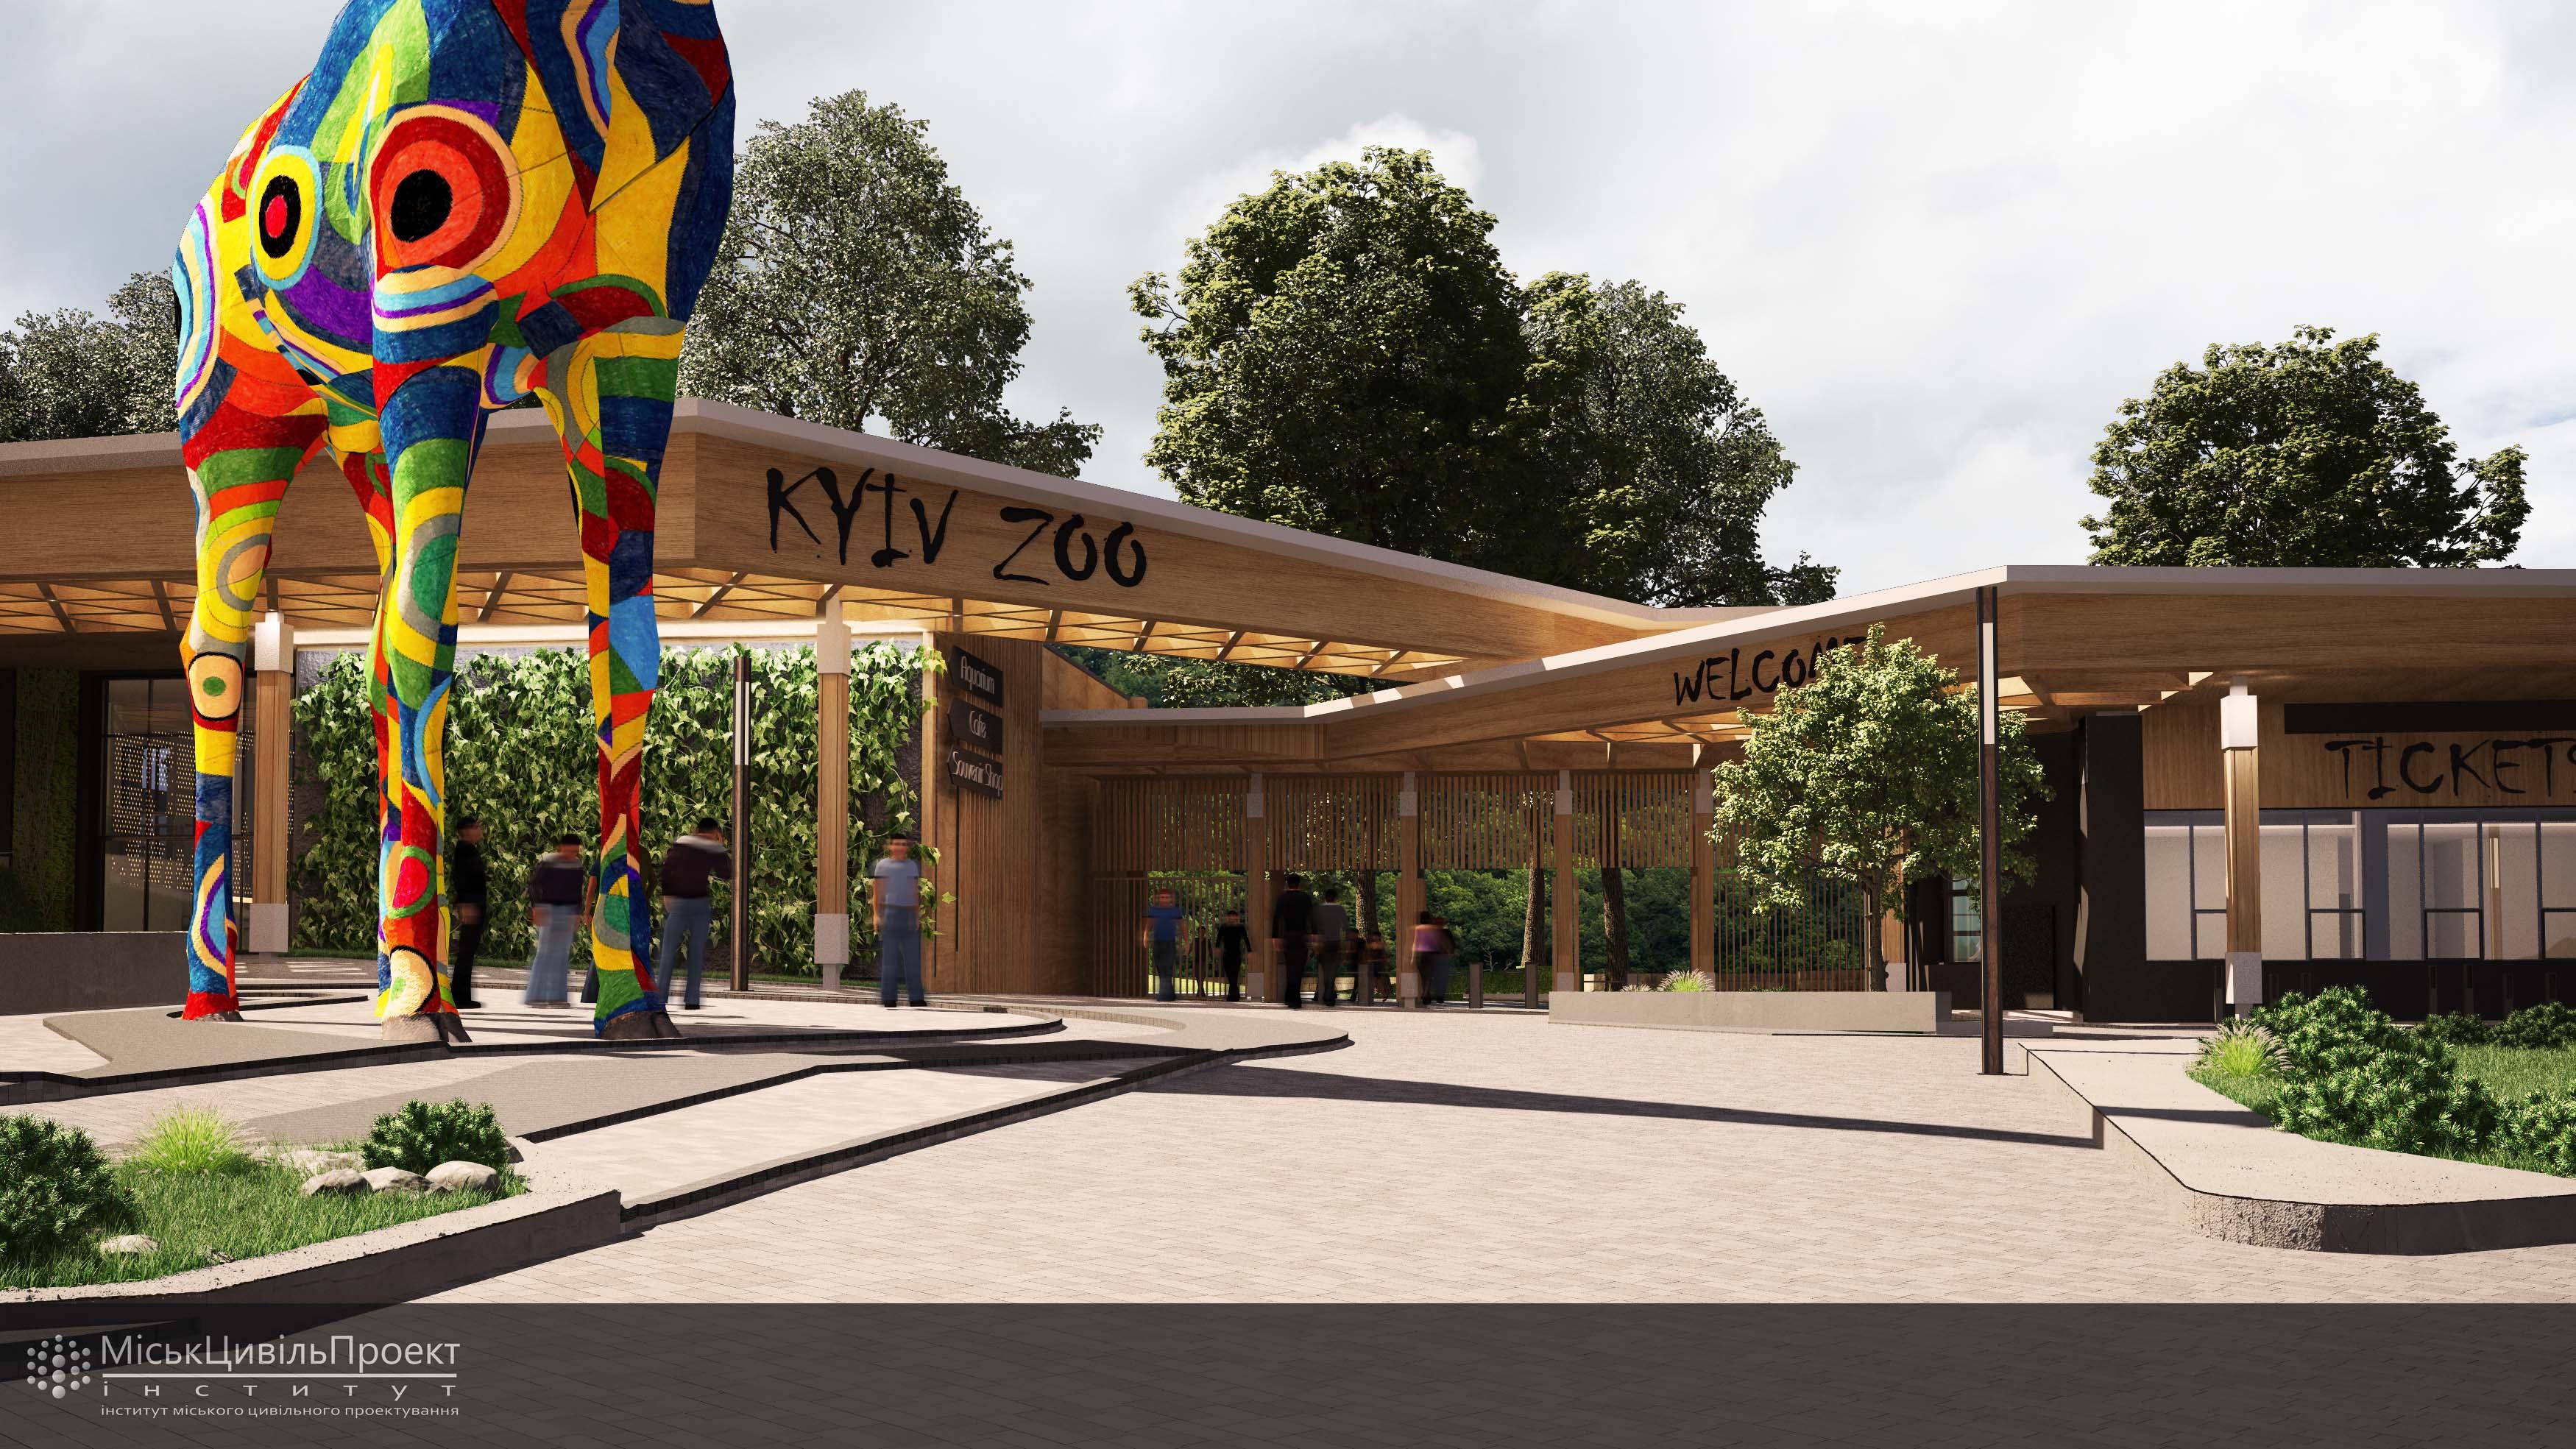 Проект Киевского зоопарка представят на конкурсе Ukrainian Urban Awards 2019 (Фото)